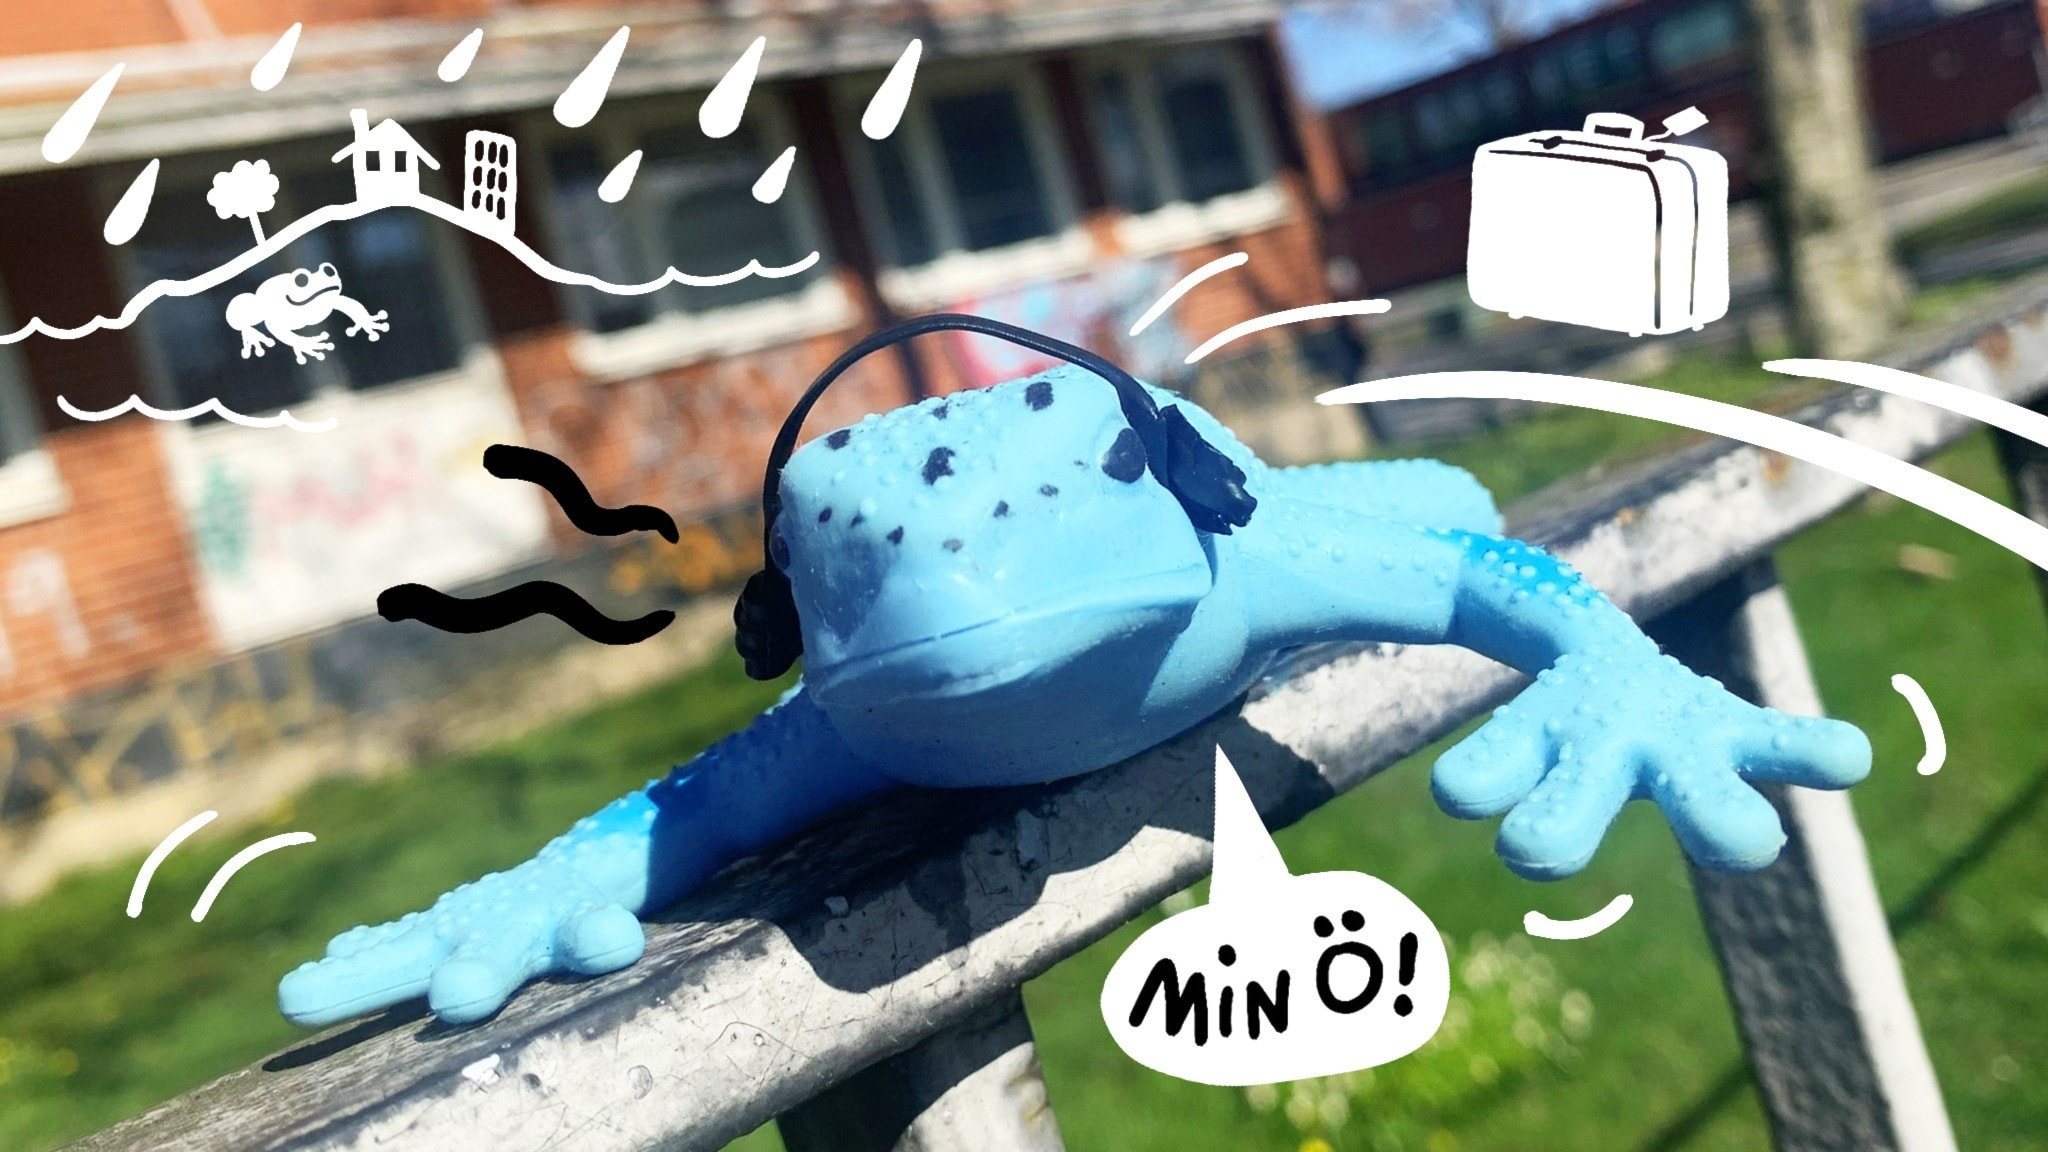 """Den blåa grodan Kville hoppar runt hemma på sin ö Hisingen, och säger """"Min ö!"""" i en pratbubbla. Han har hörlurar på sig, det är gräs och hus, och några regndroppar. Bild: Astrid Molin och Ingrid Flygare."""